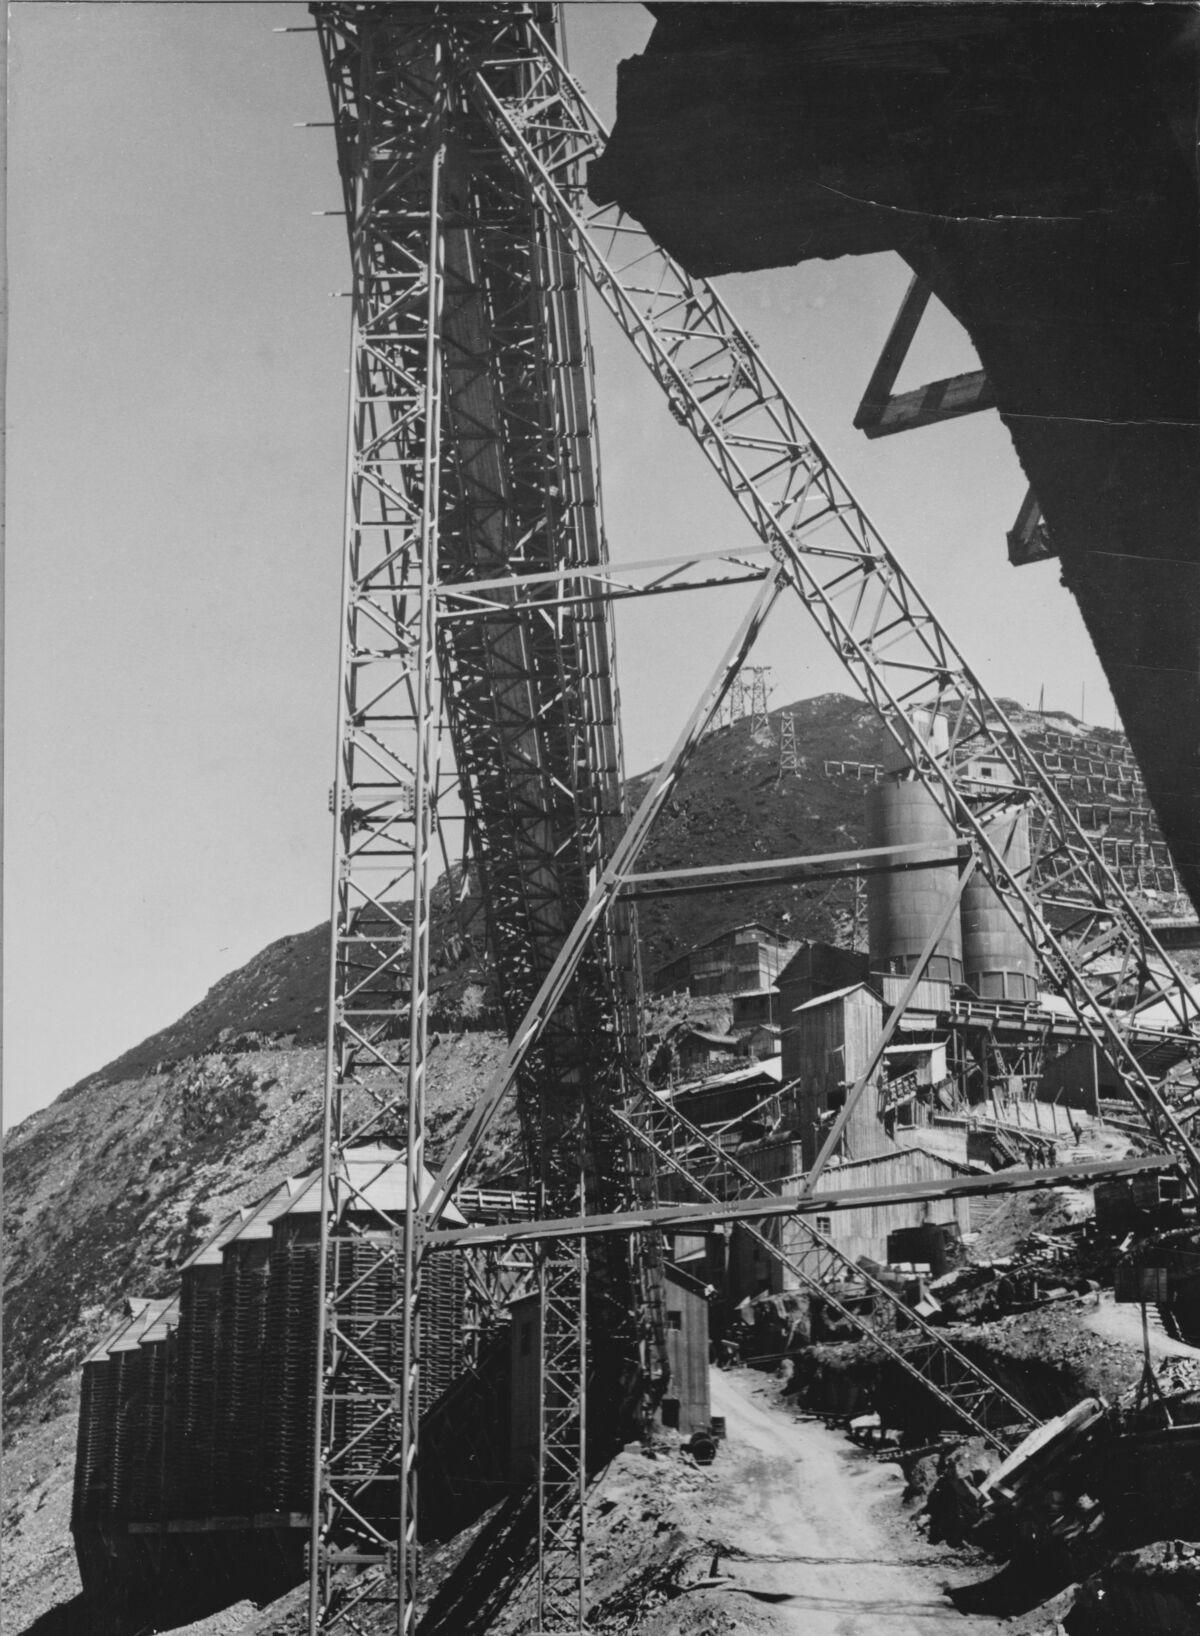 GFA 20/135.193: Stahl- und Brückenbau: Stahlbau Transportbahnbrücke Oberaar